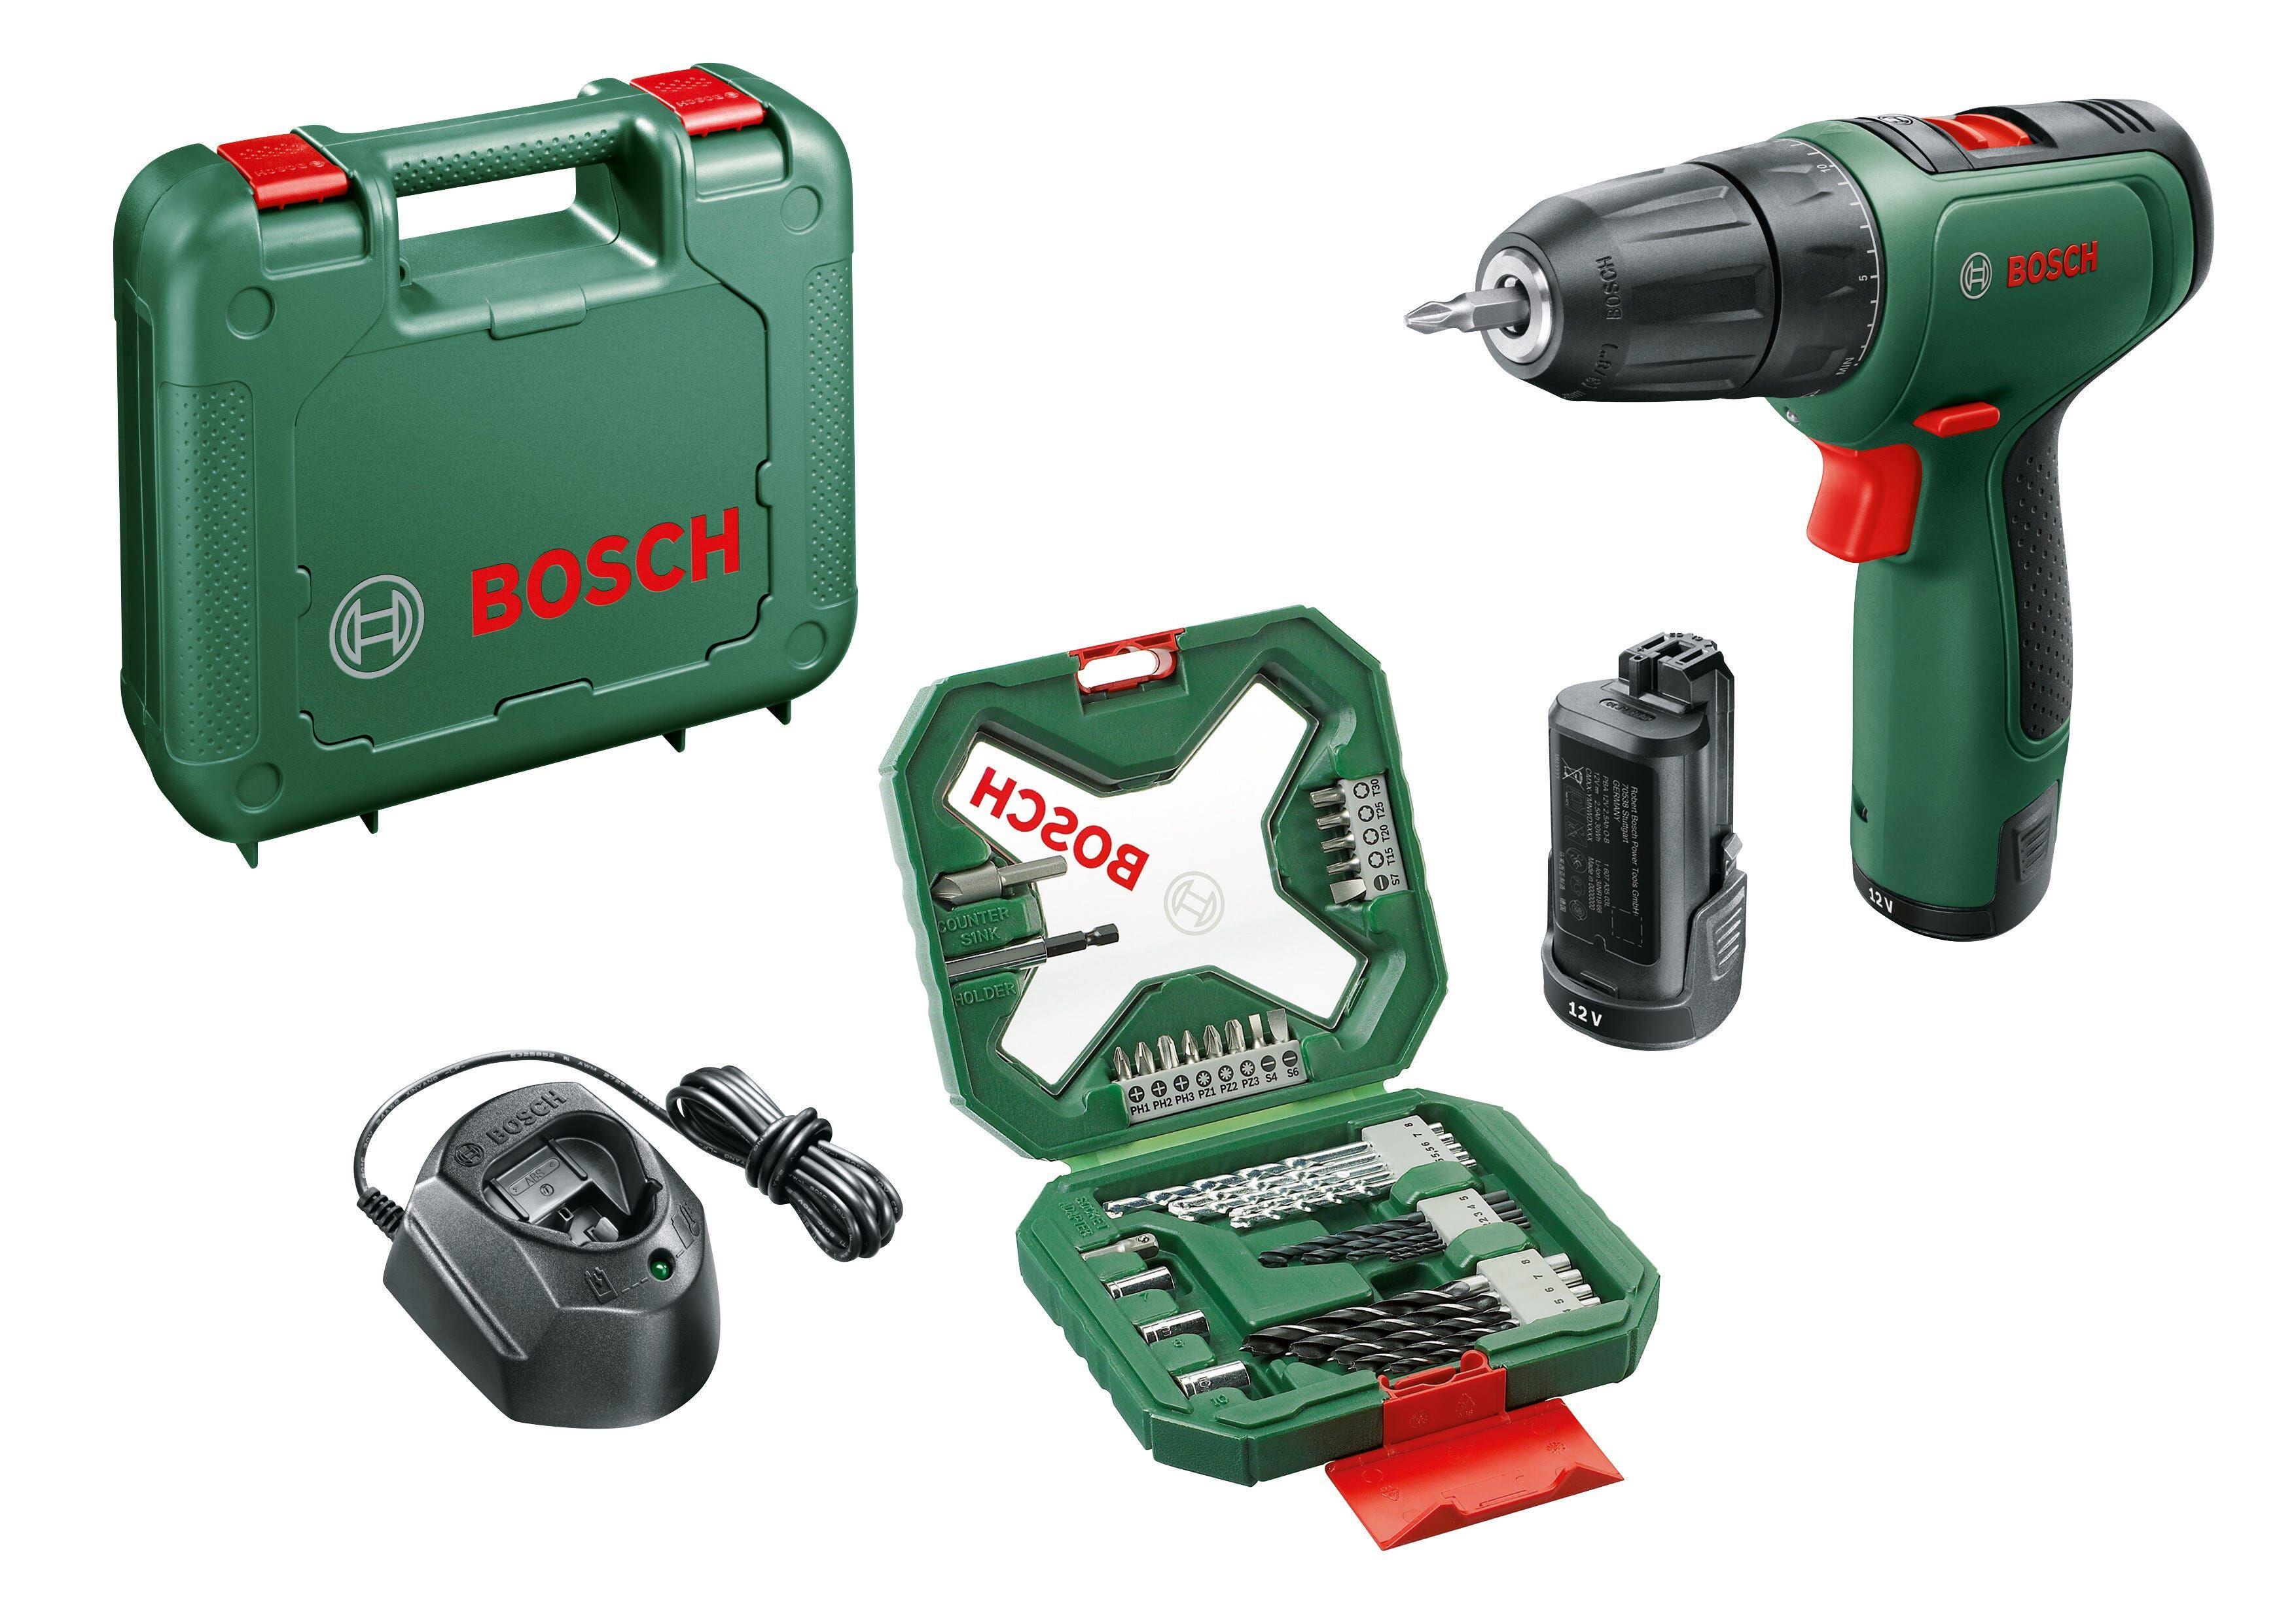 Bosch Trapano Avvitatore 12 V Easydrill 1200 2 Batterie Litio 1,5 Ah Set 34 Accessori